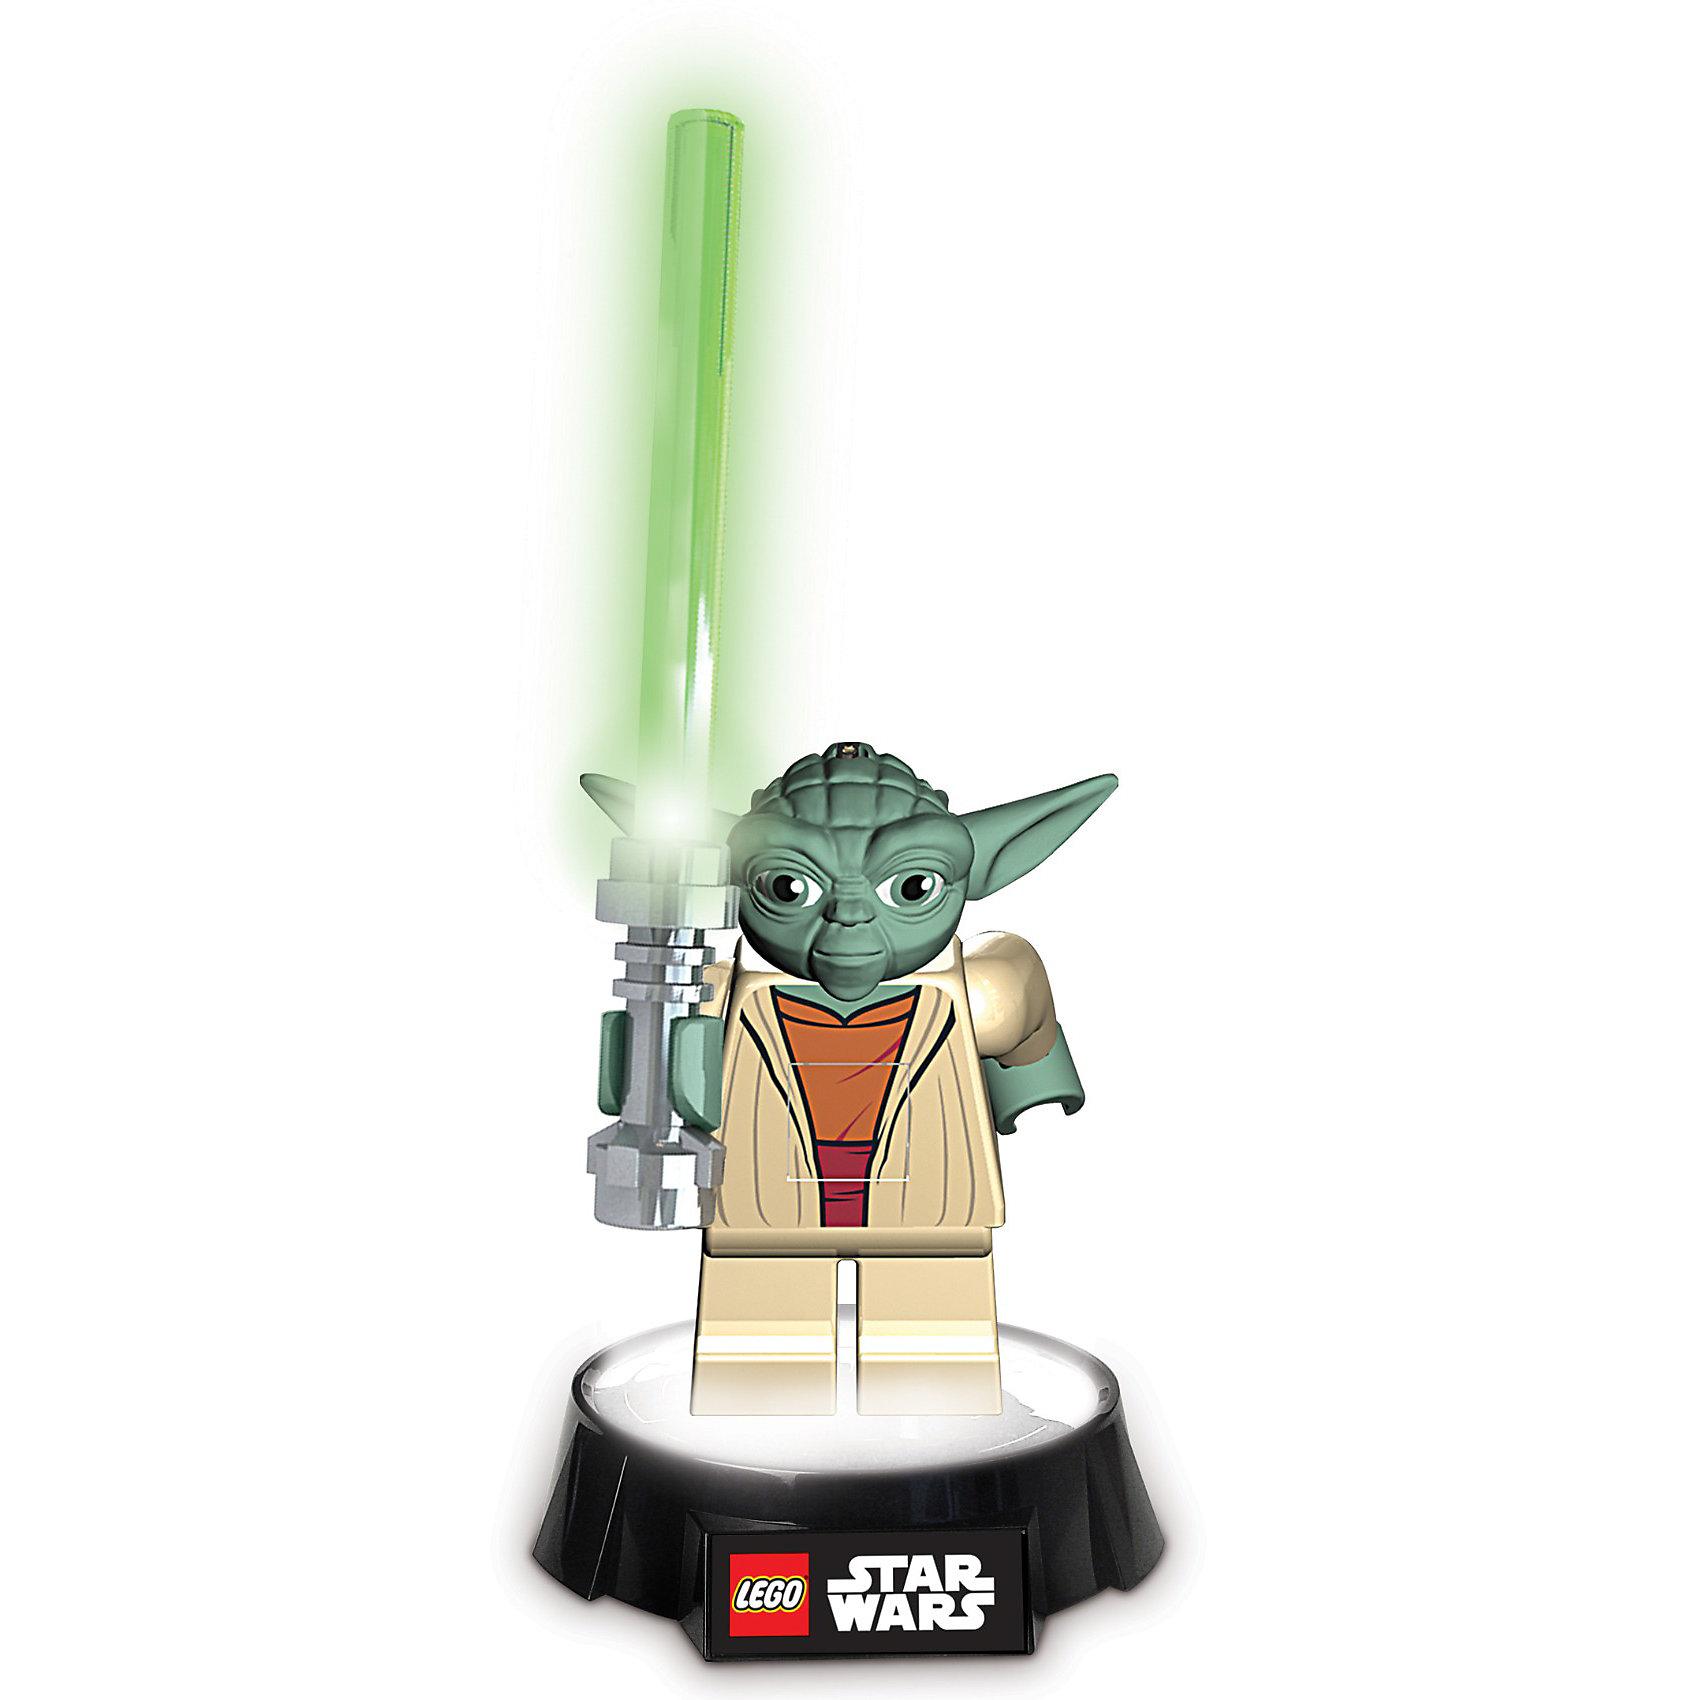 Фонарик-ночник, LEGO Star Wars, YodaФонарик-ночник, LEGO Star Wars Yoda (Лего Звездные войны Йода) - это новинка 2013 года в серии Лего Звездные войны.<br><br>Оригинального дизайна фонарик можно поставить куда угодно и использовать его как осветительное устройство. Не нужно забывать, что это еще и великолепная игрушка с вращающимися ножками и светящимся мечом, которая позволит разыграть интересные сценки из фильма Звездные войны.<br><br>Дополнительная информация:<br><br>-Высота  18,5 см<br>-Батарейки в комплекте (3 х АА, 1хААА)<br>-Материал: пластик<br>-Функция автоматического отключения после 30 мин<br>-Светящиеся вращающиеся ножки, съемный светящийся меч<br>-Снимается со светящейся базы, можно использовать как фонарик<br>-Включается нажатием пластины на груди фигуры<br><br>Такая игрушка особенно пригодится родителям, чьи детки не могут заснуть в темноте. <br><br>Фонарик-ночник, LEGO Star Wars Yoda (Лего Звездные войны Йода) можно купить в нашем магазине.<br><br>Ширина мм: 282<br>Глубина мм: 286<br>Высота мм: 83<br>Вес г: 701<br>Возраст от месяцев: 96<br>Возраст до месяцев: 1164<br>Пол: Мужской<br>Возраст: Детский<br>SKU: 3168507